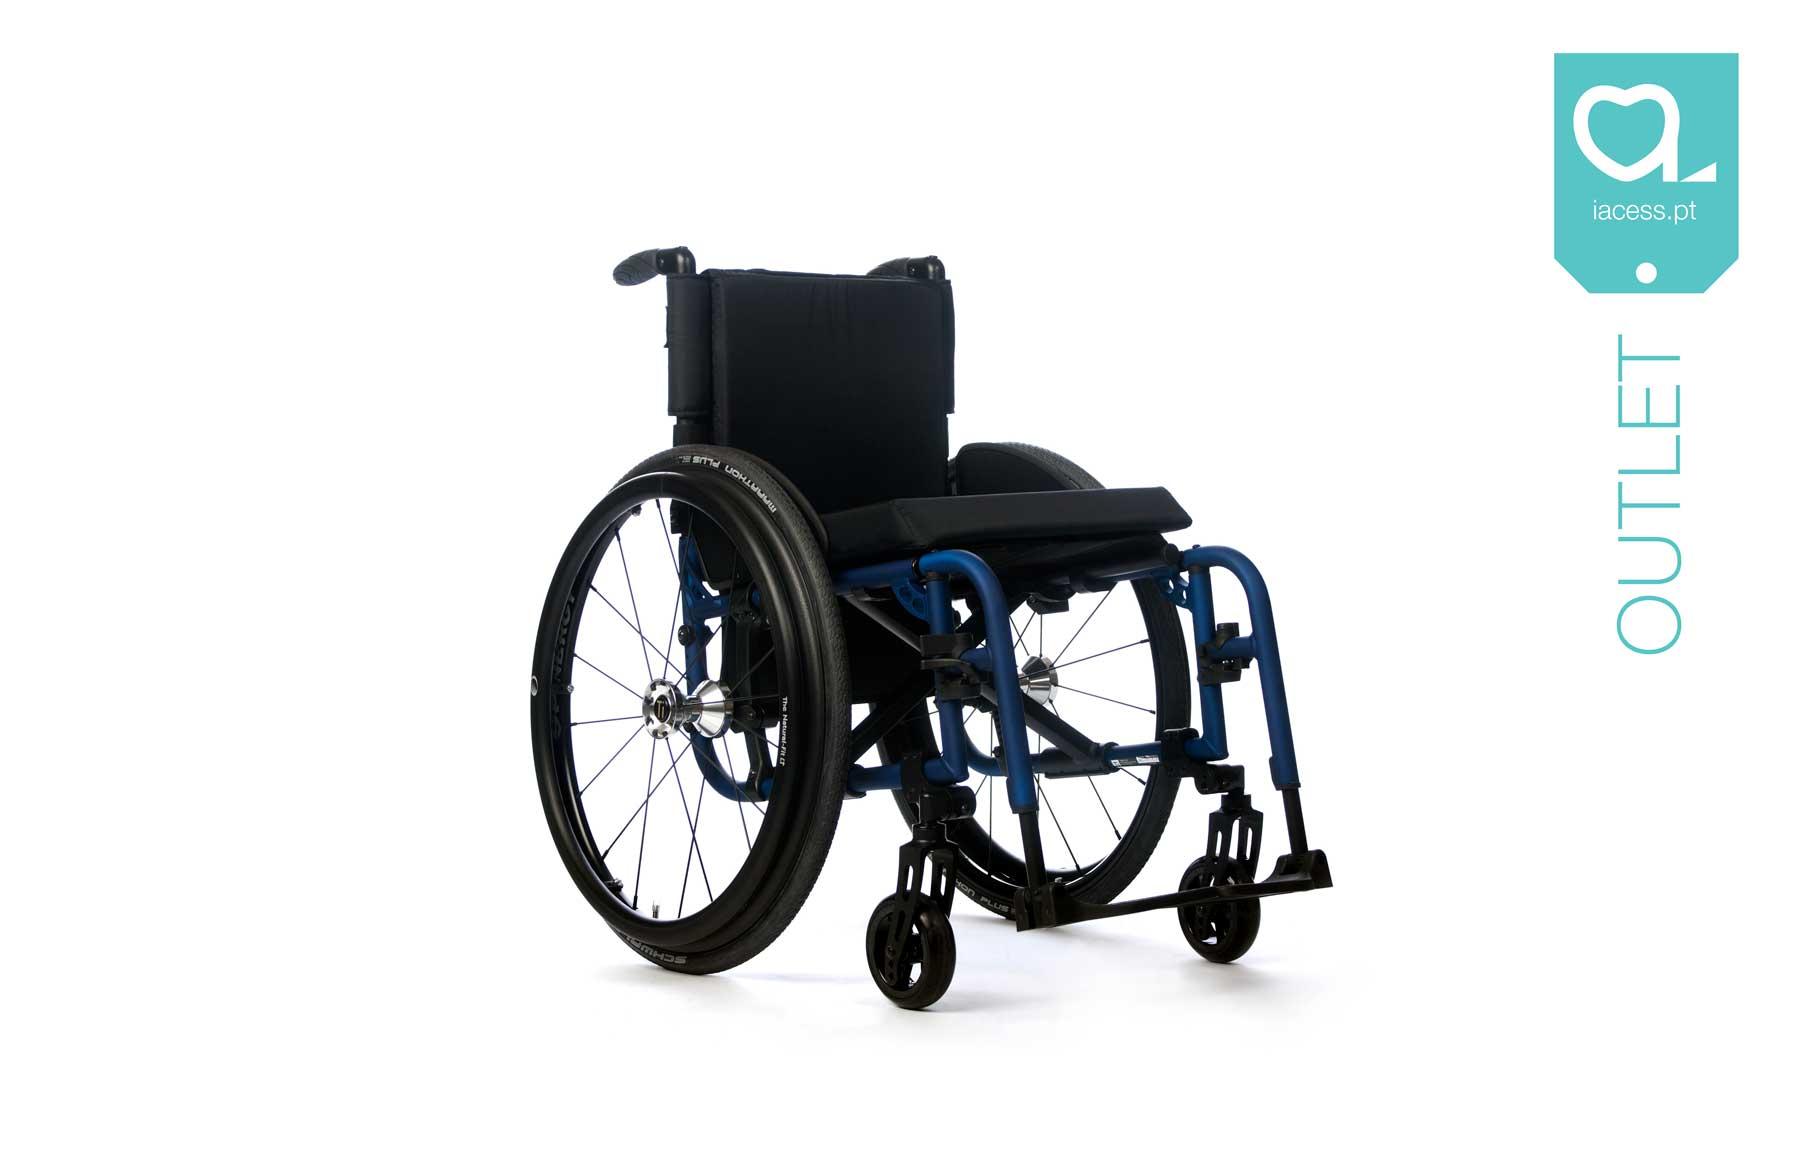 Cadeira de rodas manual com estrutura azul